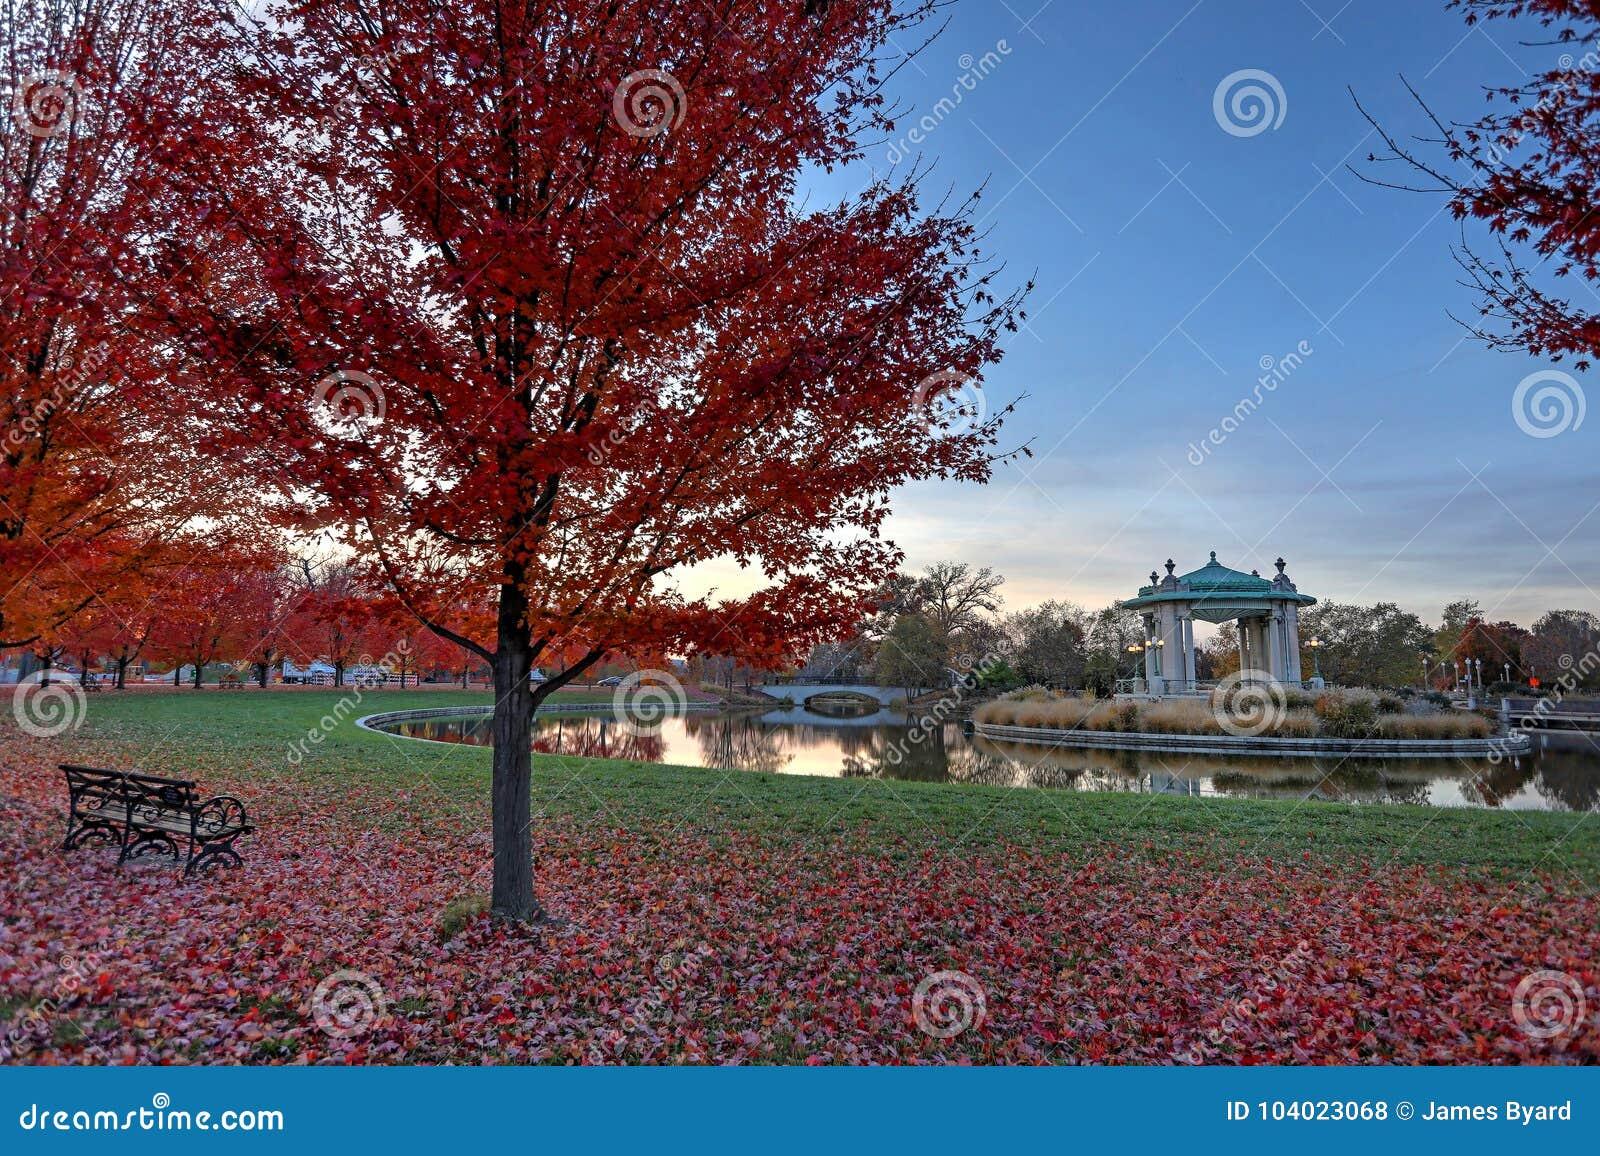 Листопад вокруг эстрада для оркестра Forest Park в Сент-Луис, Миссури